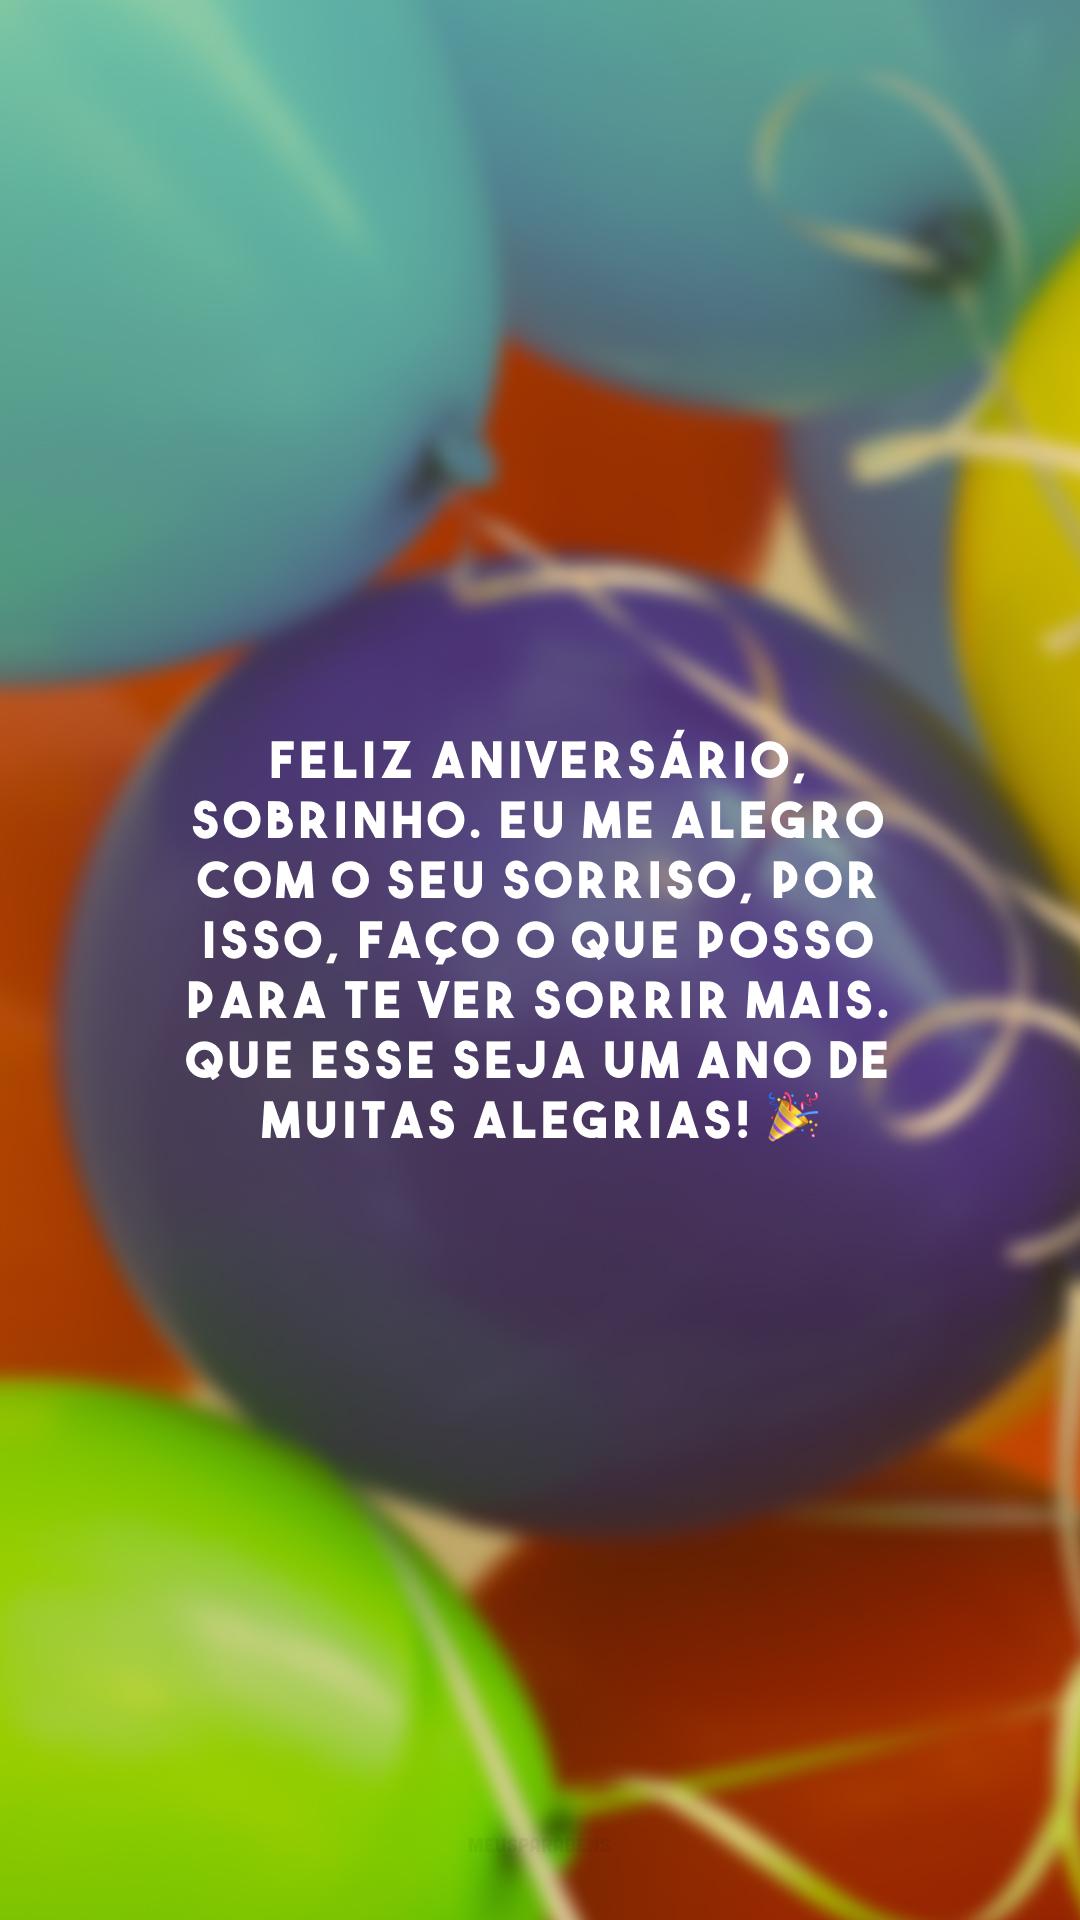 Feliz aniversário, sobrinho. Eu me alegro com o seu sorriso, por isso, faço o que posso para te ver sorrir mais. Que esse seja um ano de muitas alegrias! 🎉